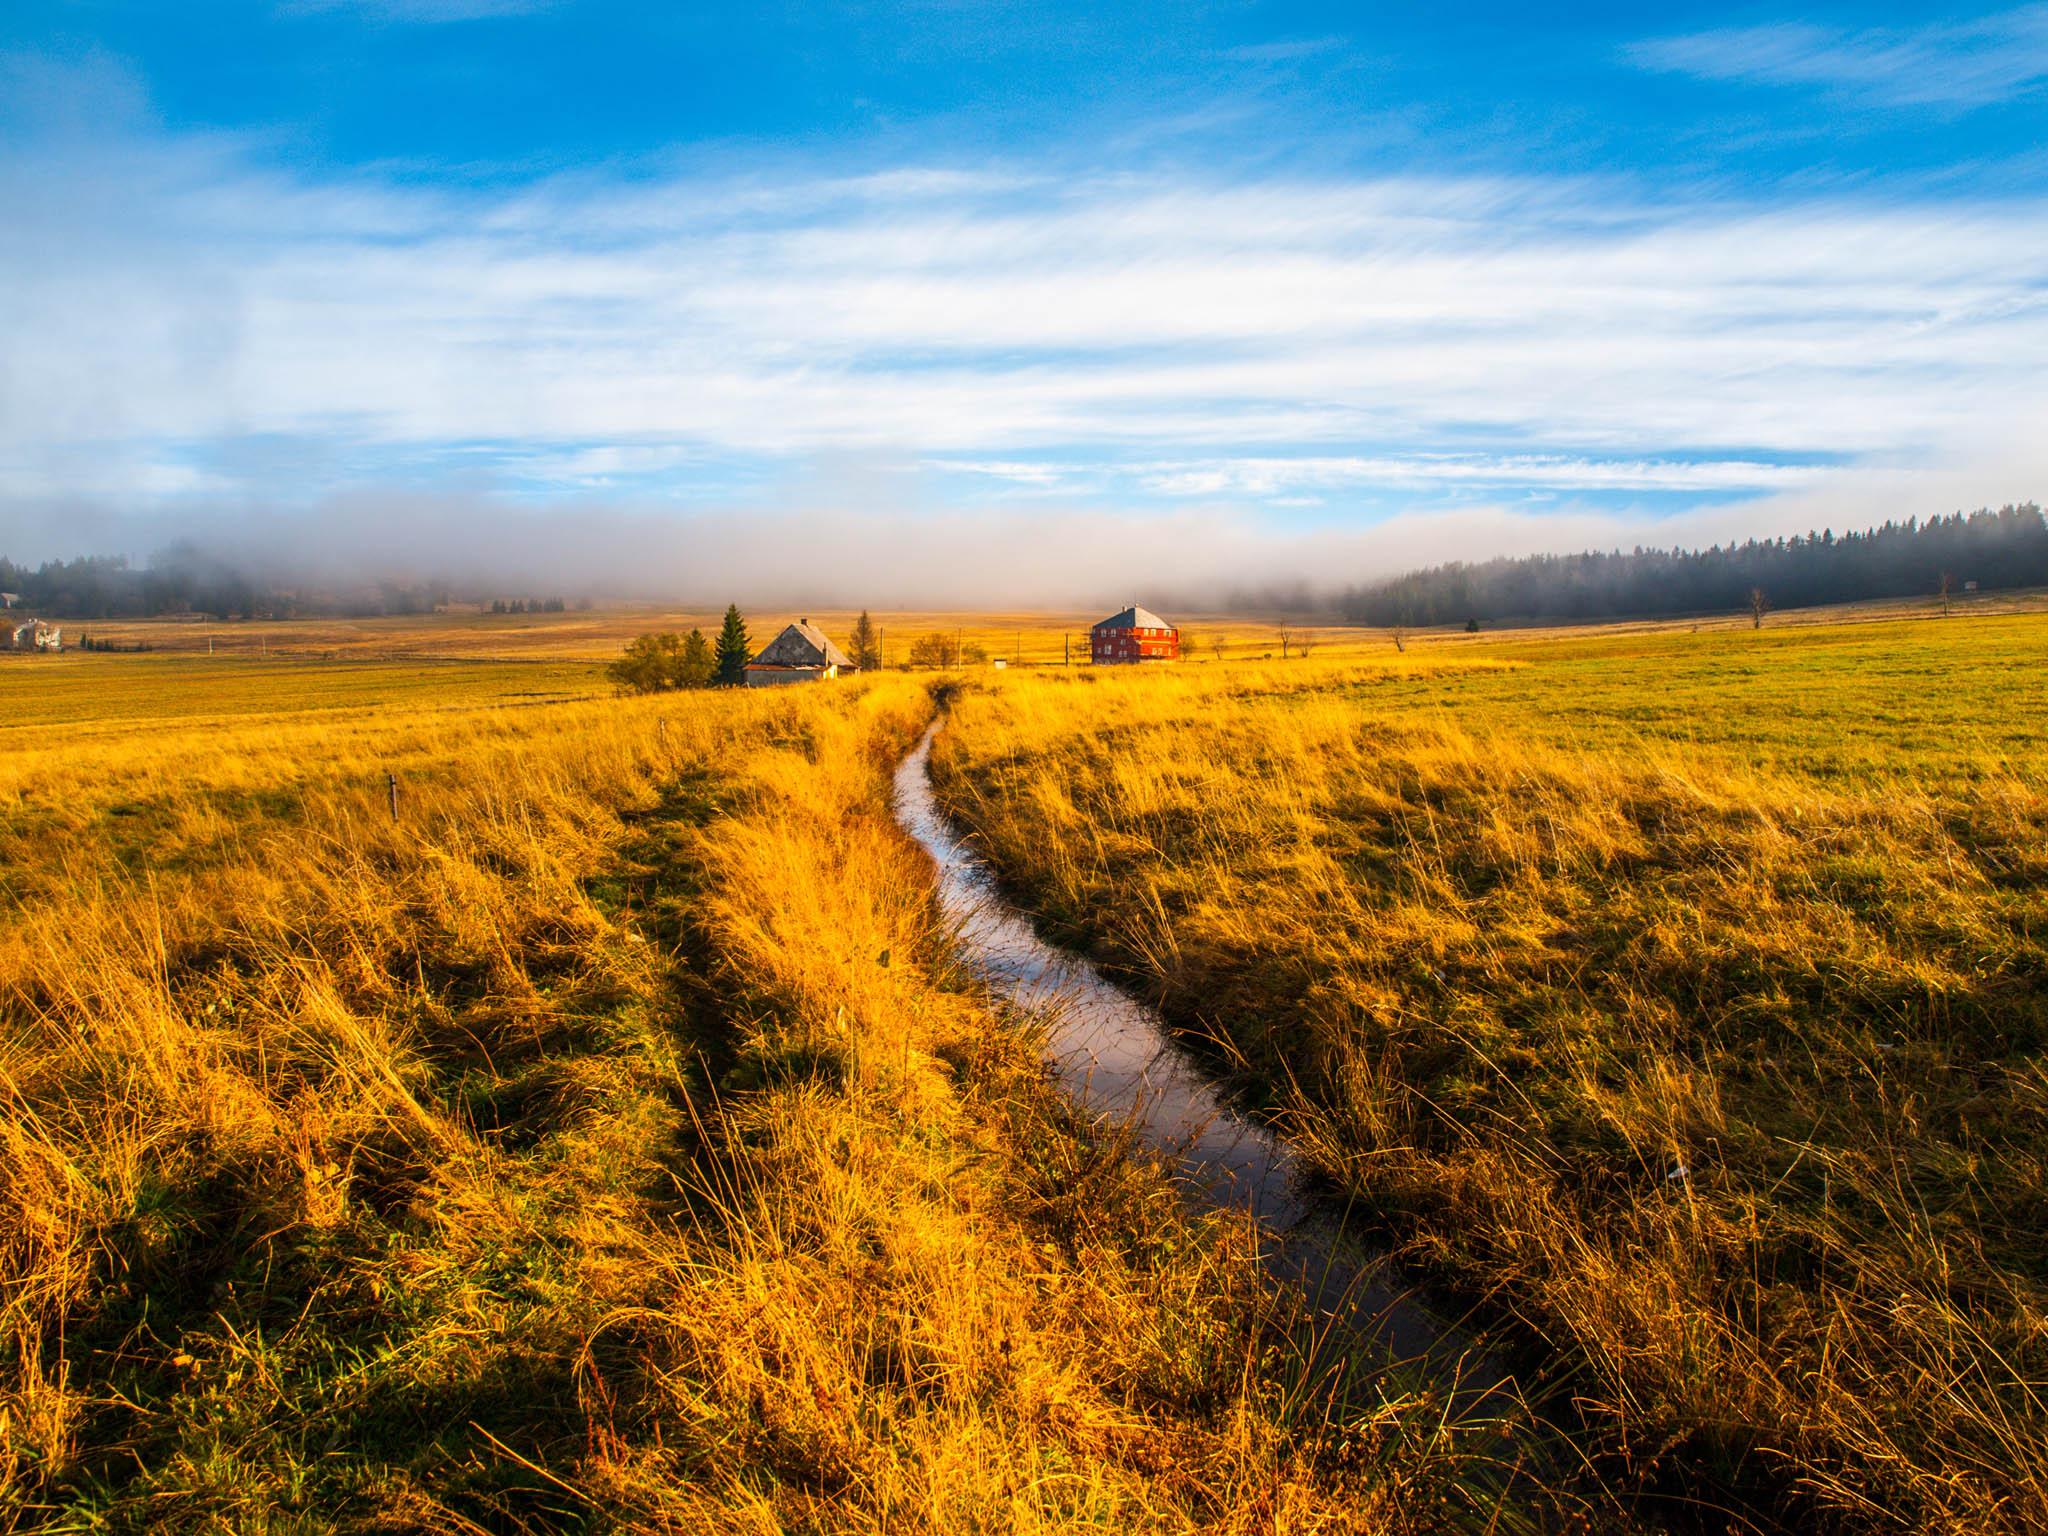 Krušnohorská magistrála je poměrně náročná trasa s řadou dlouhých i příkrých stoupání.